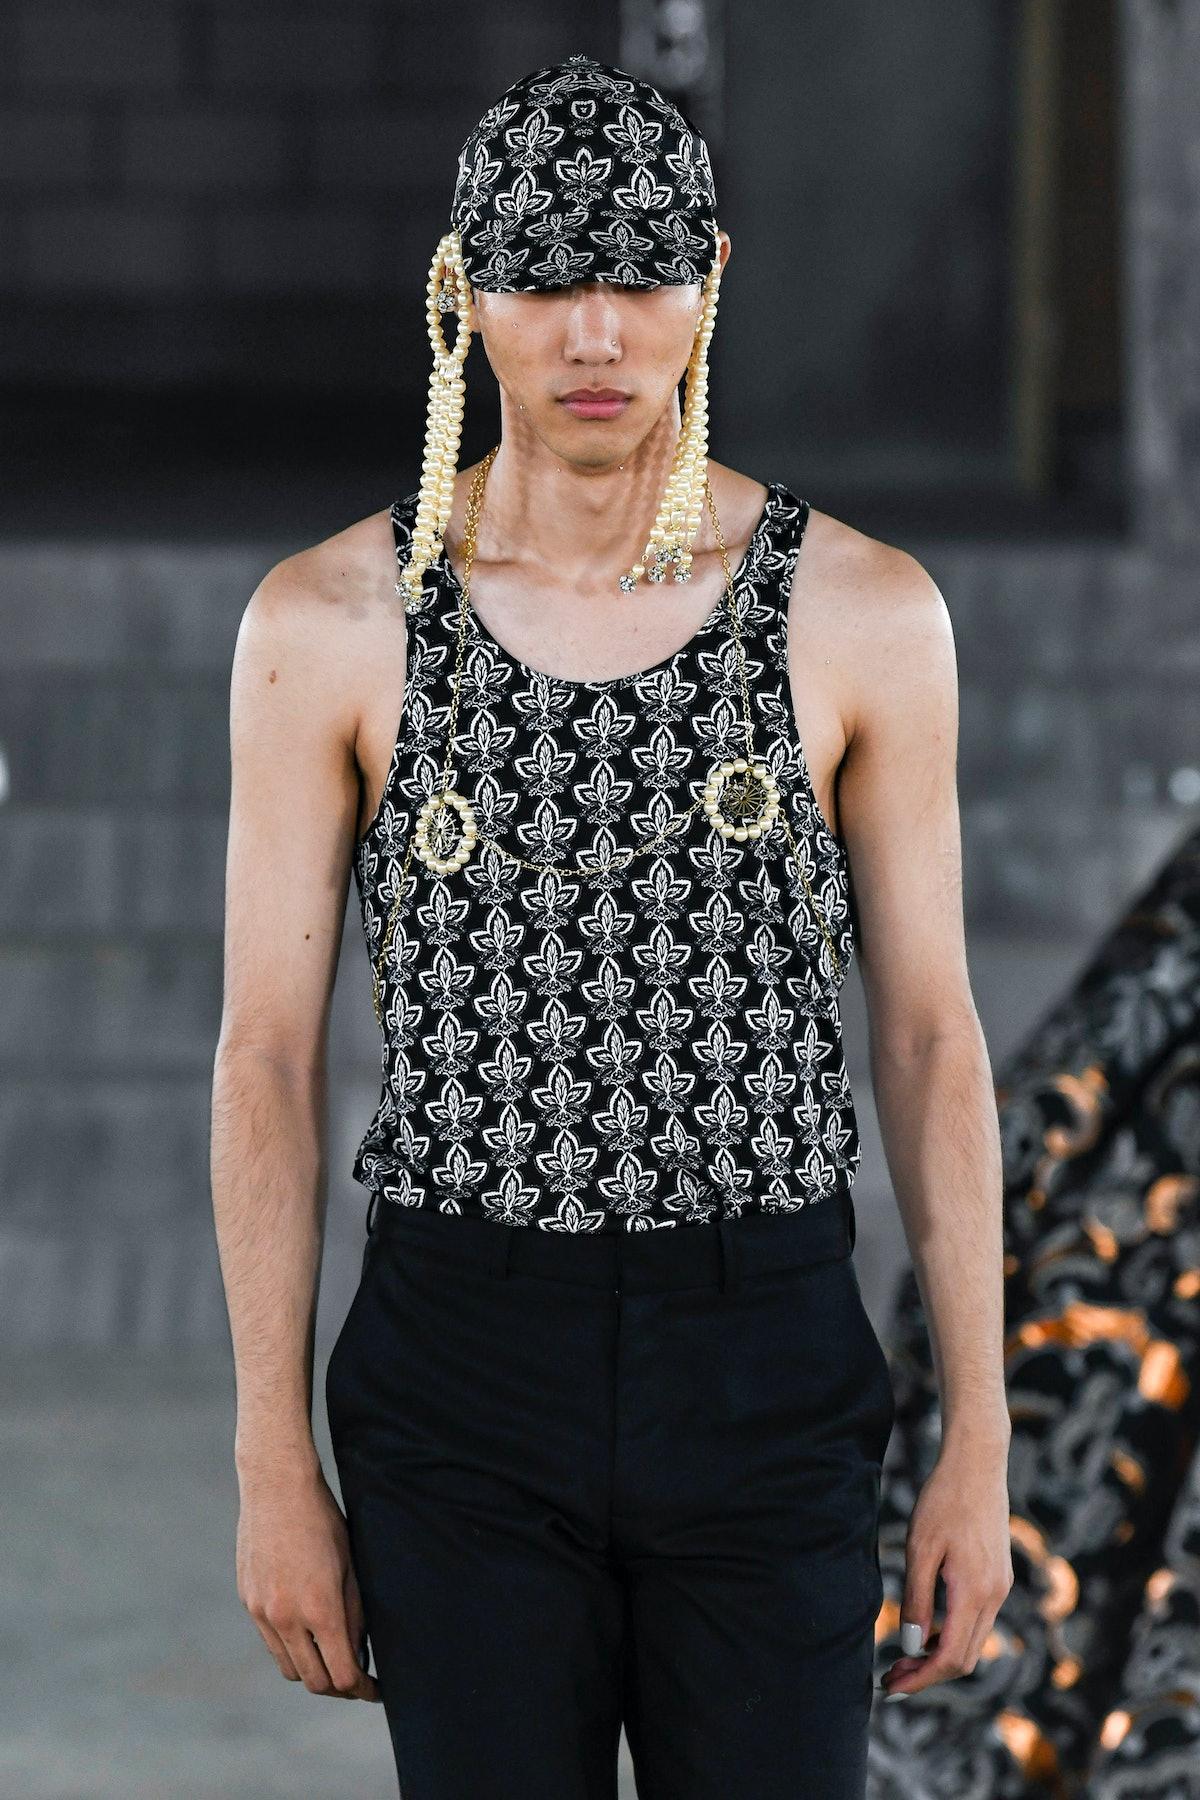 لندن ، انگلیس - 17 سپتامبر: یک مدل هنگام ادوارد کراچلی آماده پوشیدن لباس روی باند پیاده روی می کند ...